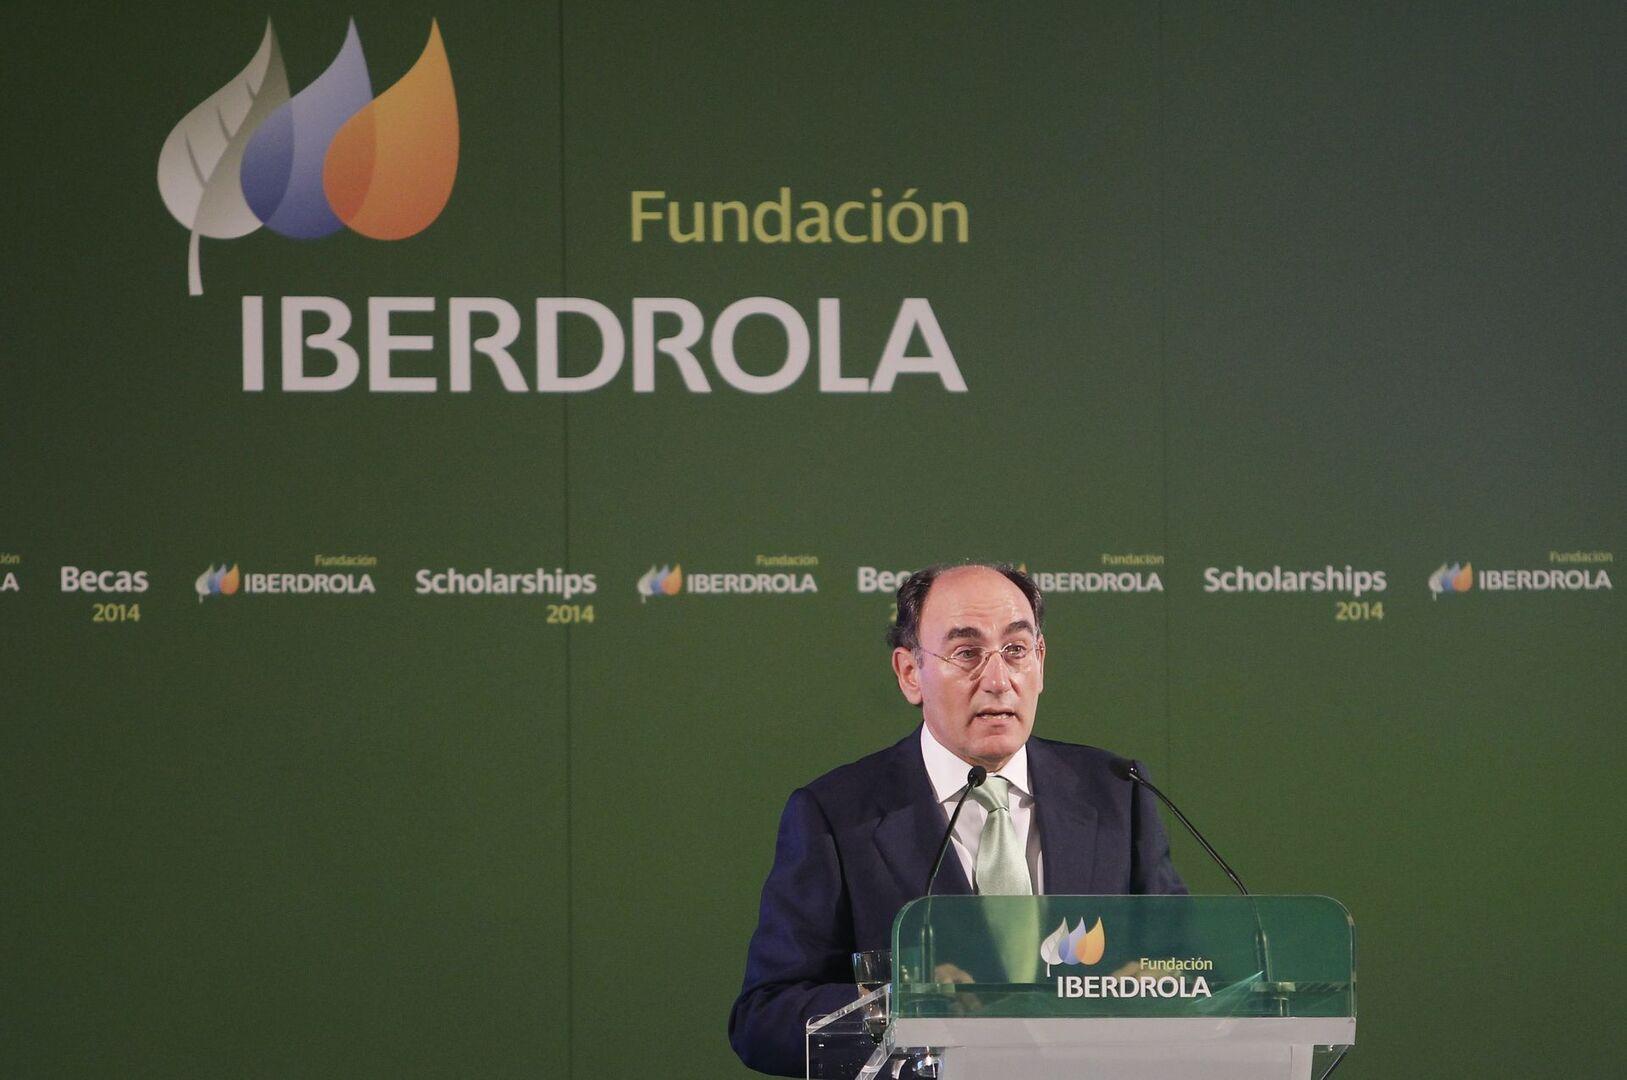 Iberdrola presenta una nueva querella por falsedad contra su exdirectivo José Antonio del Olmo